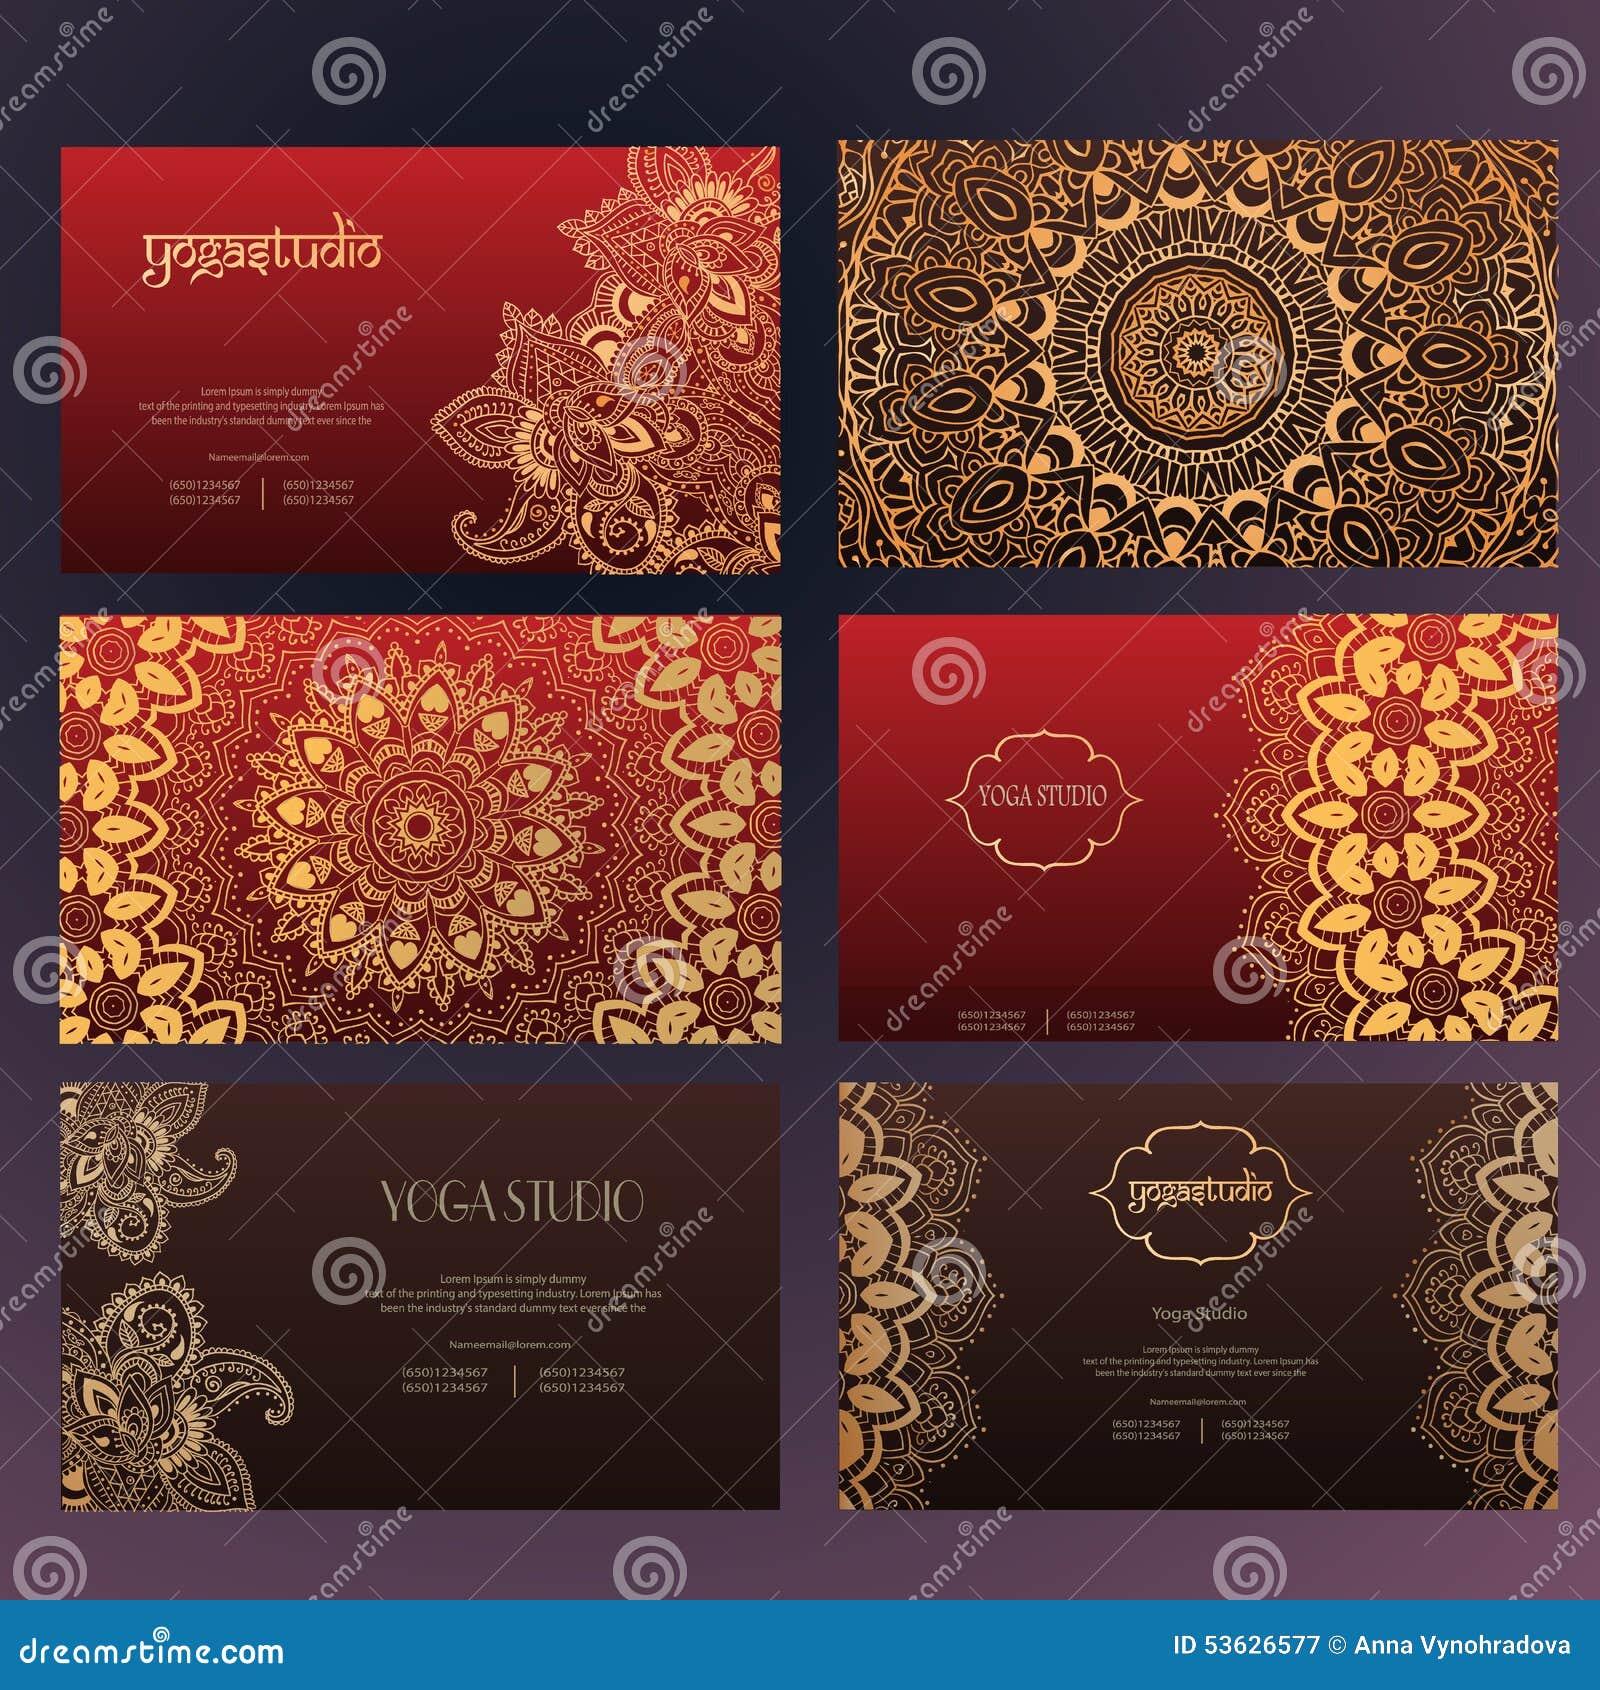 mandalas business card 4 yoga stock vector